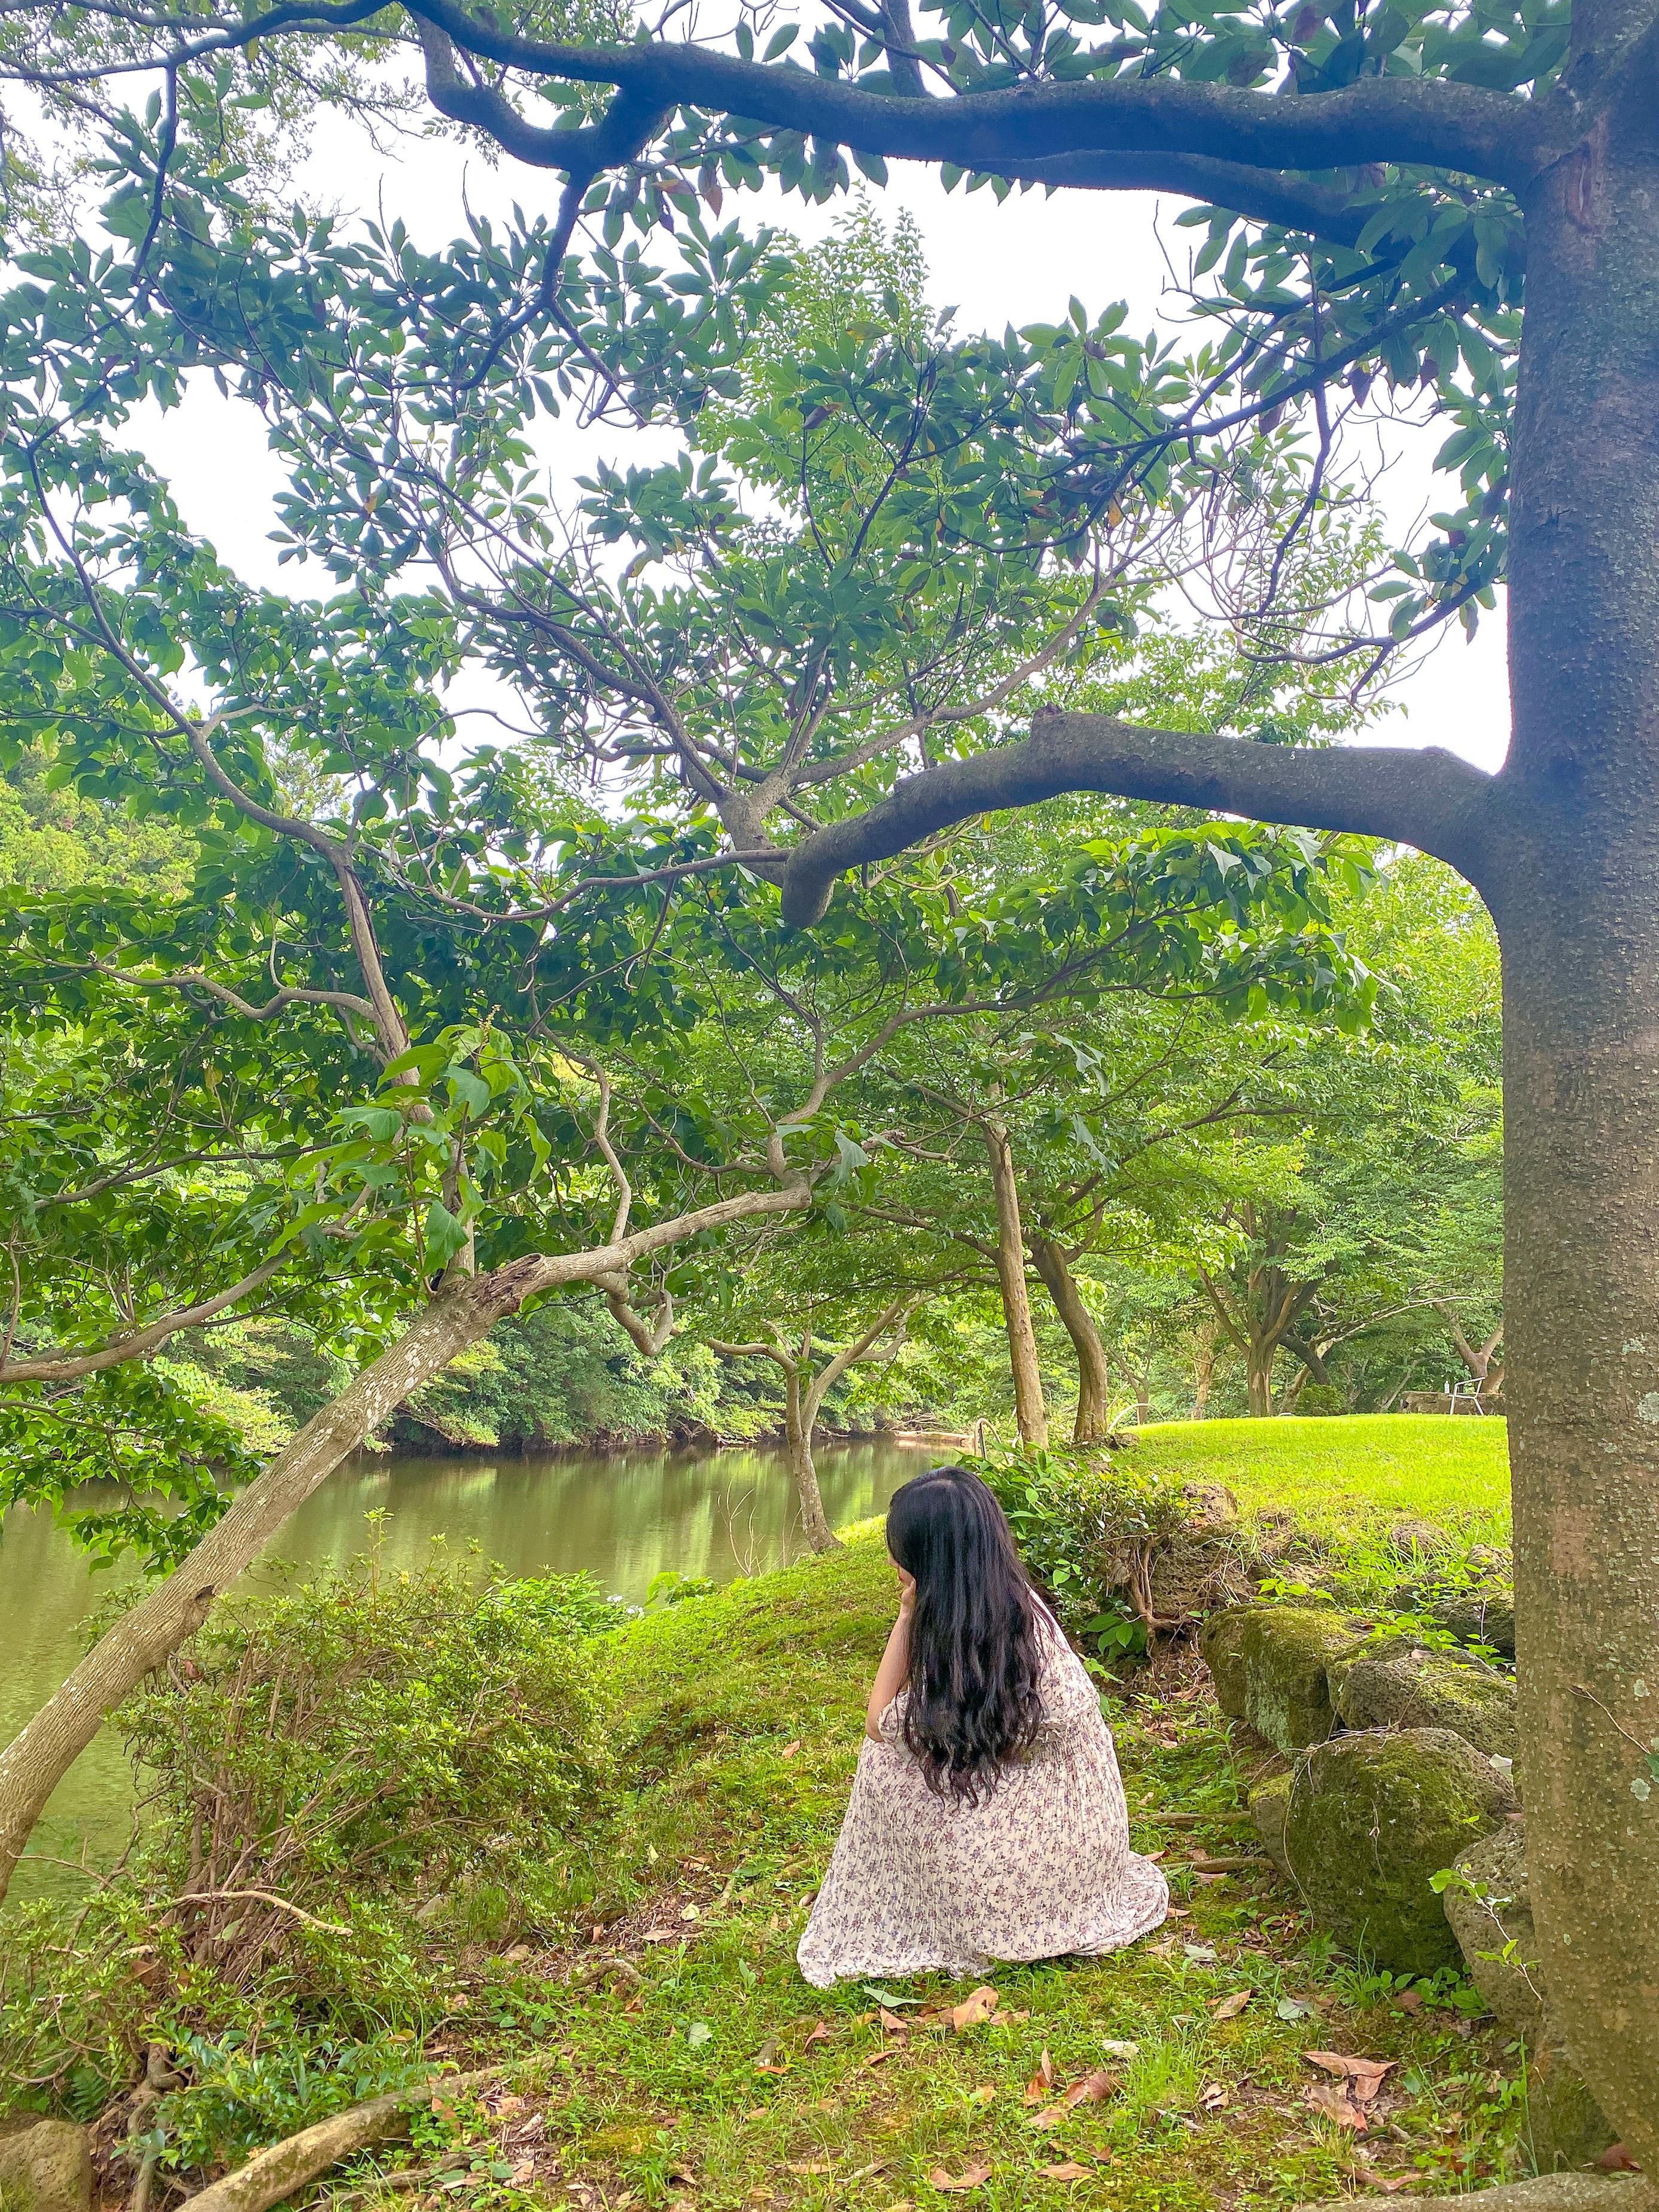 한가로운 제주의 자연을 느껴보기 좋은 곳